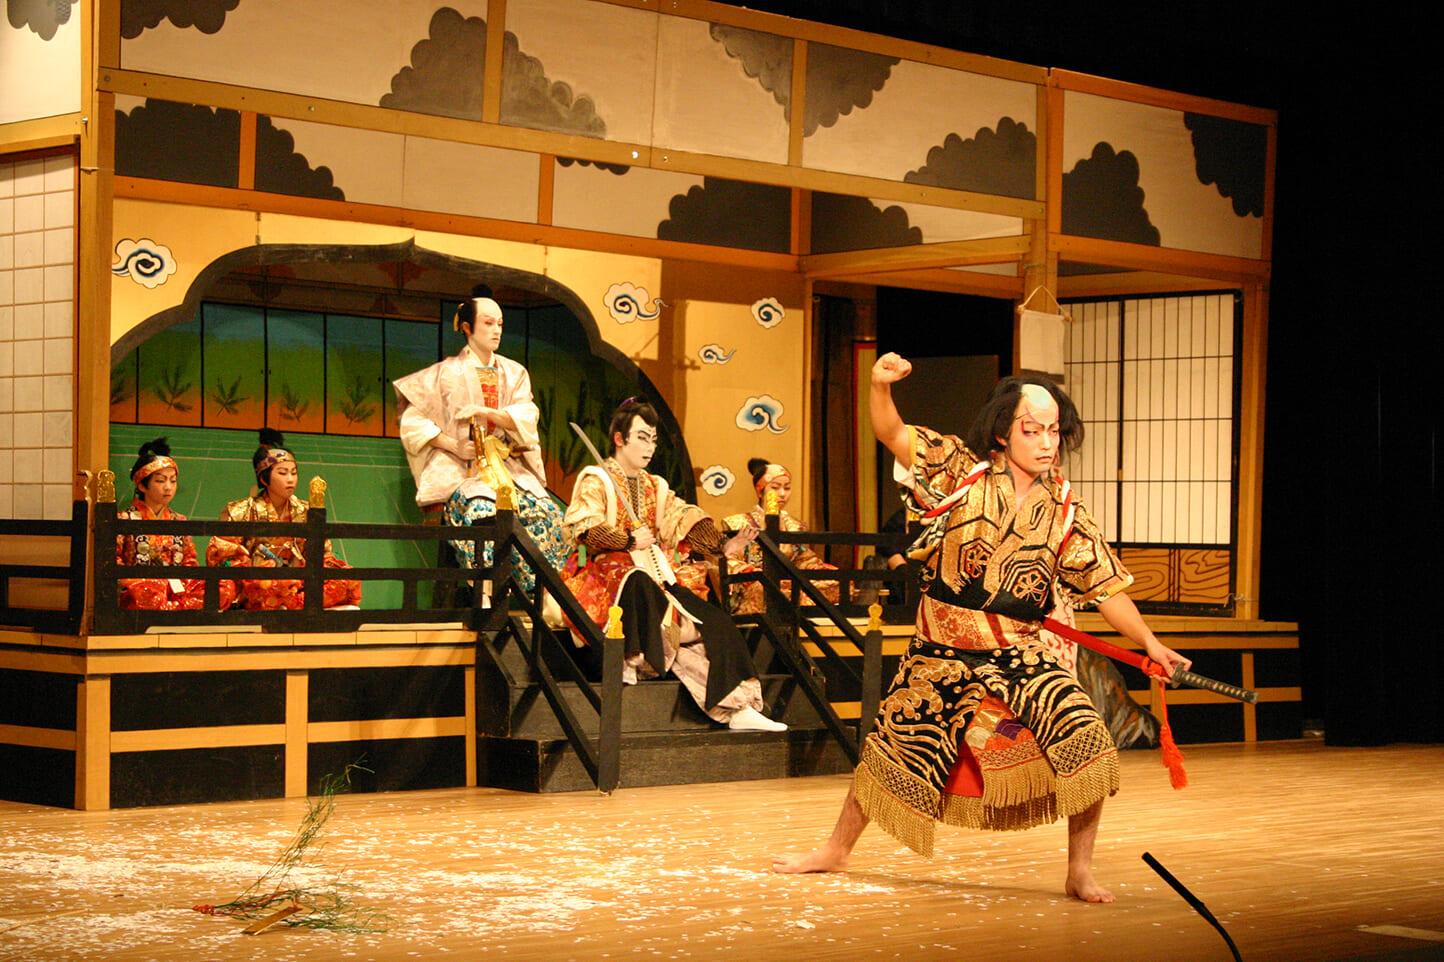 高雄歌舞伎 スライダー画像1